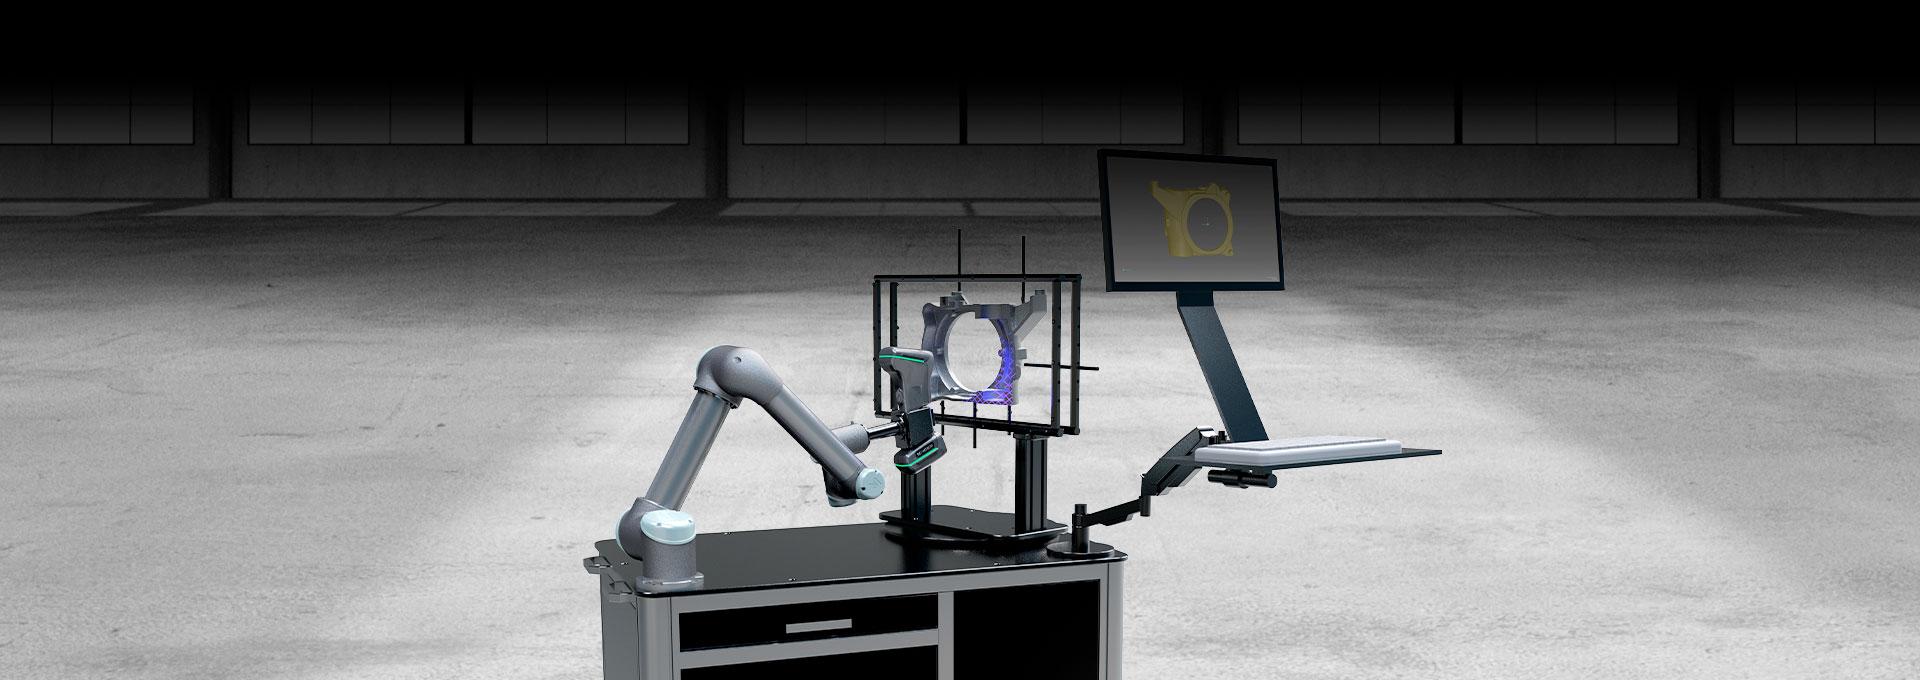 AUTOSCAN-K 3D SCANNR (1)